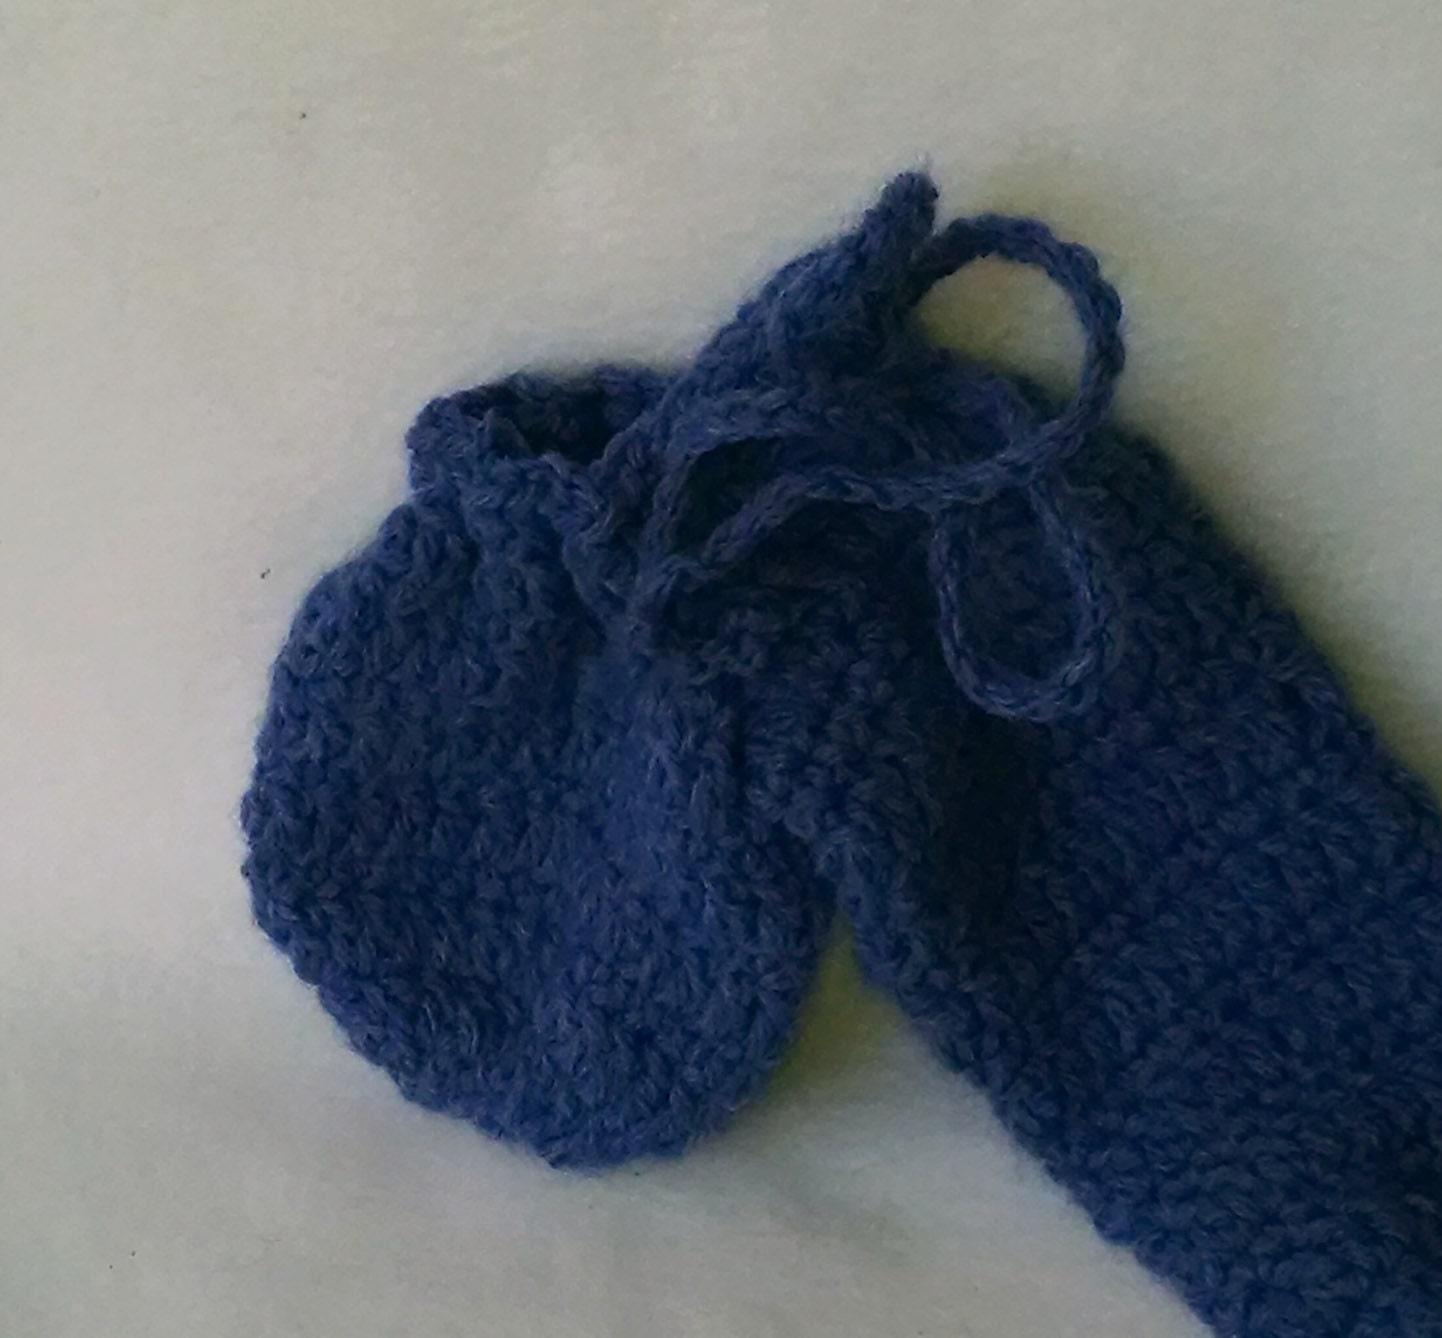 Mittlere blaue Willie wärmer für Männer Mittel Blau meliert | Etsy